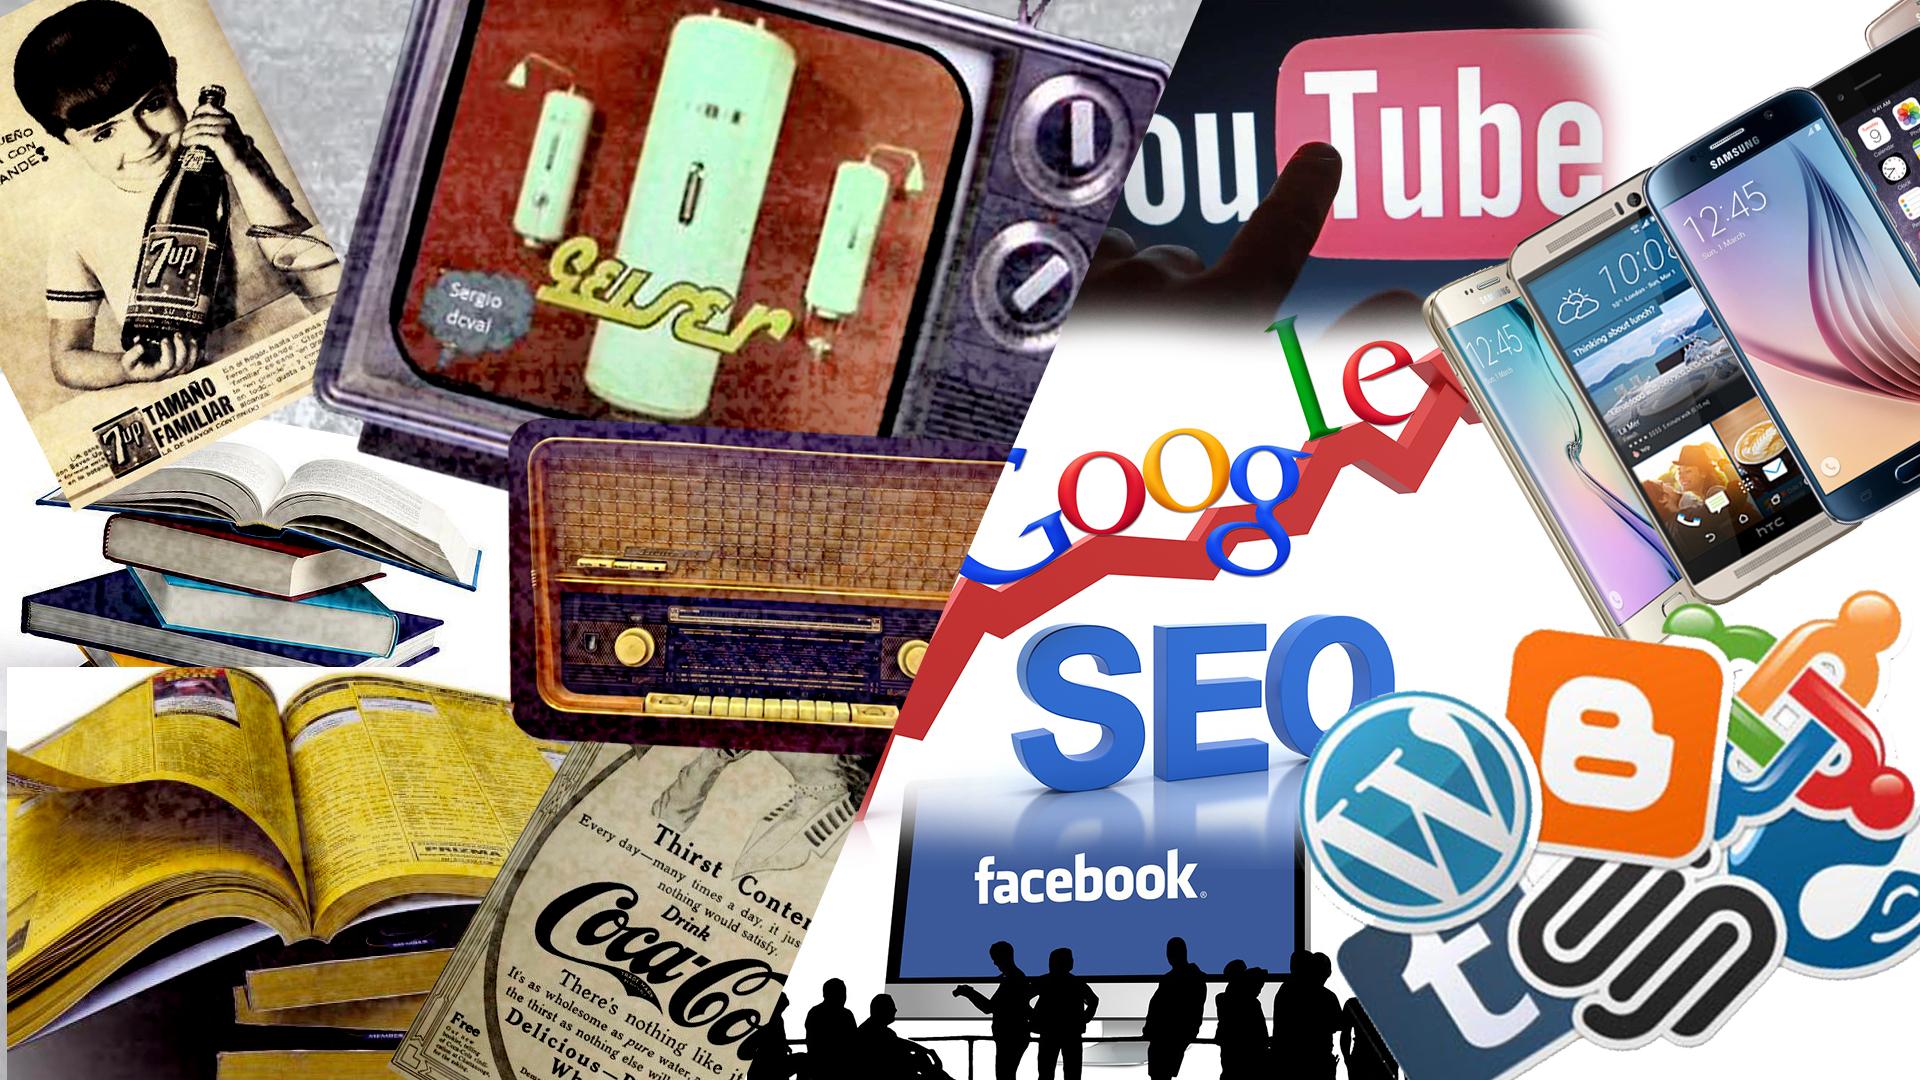 saul-ameliach-especialista-en-nuevos-desarrollos-saul-ameliach--marketing-marketing-del-futuro-4-cosas-para-invertir-y-no-lo-sabias-noticias